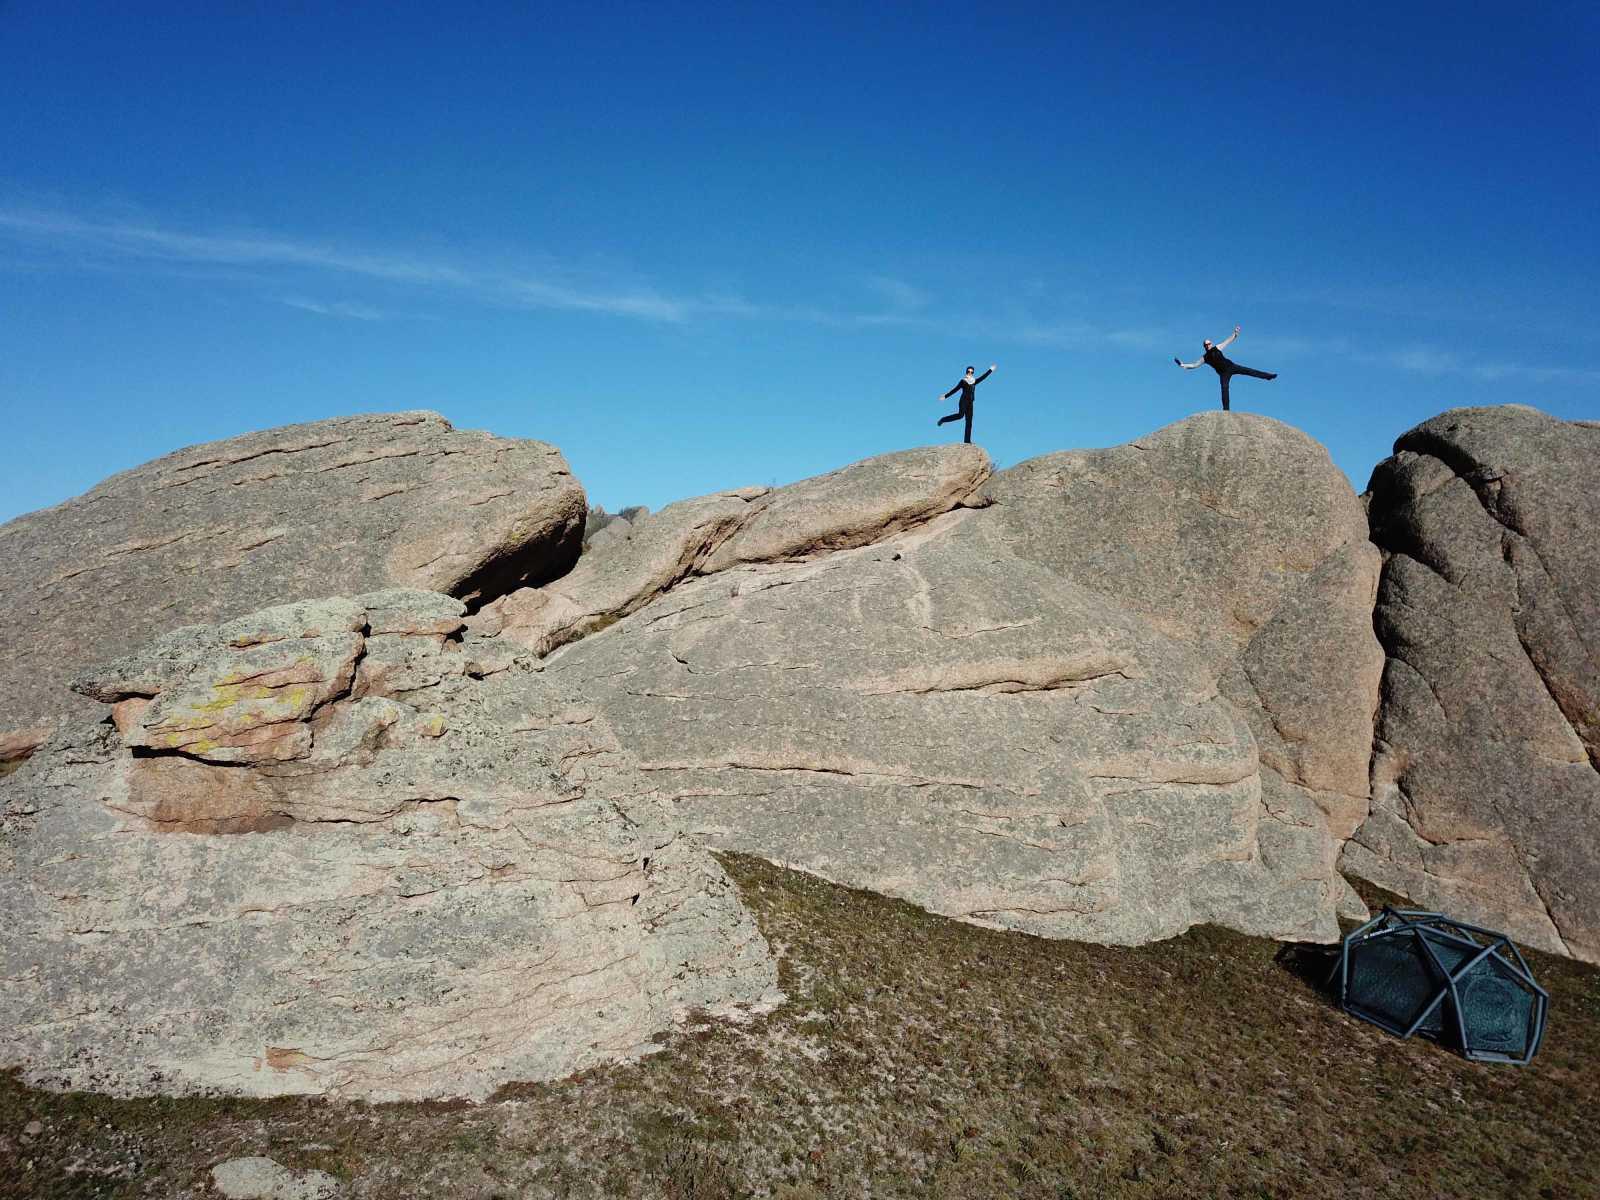 Terelj Rock formations